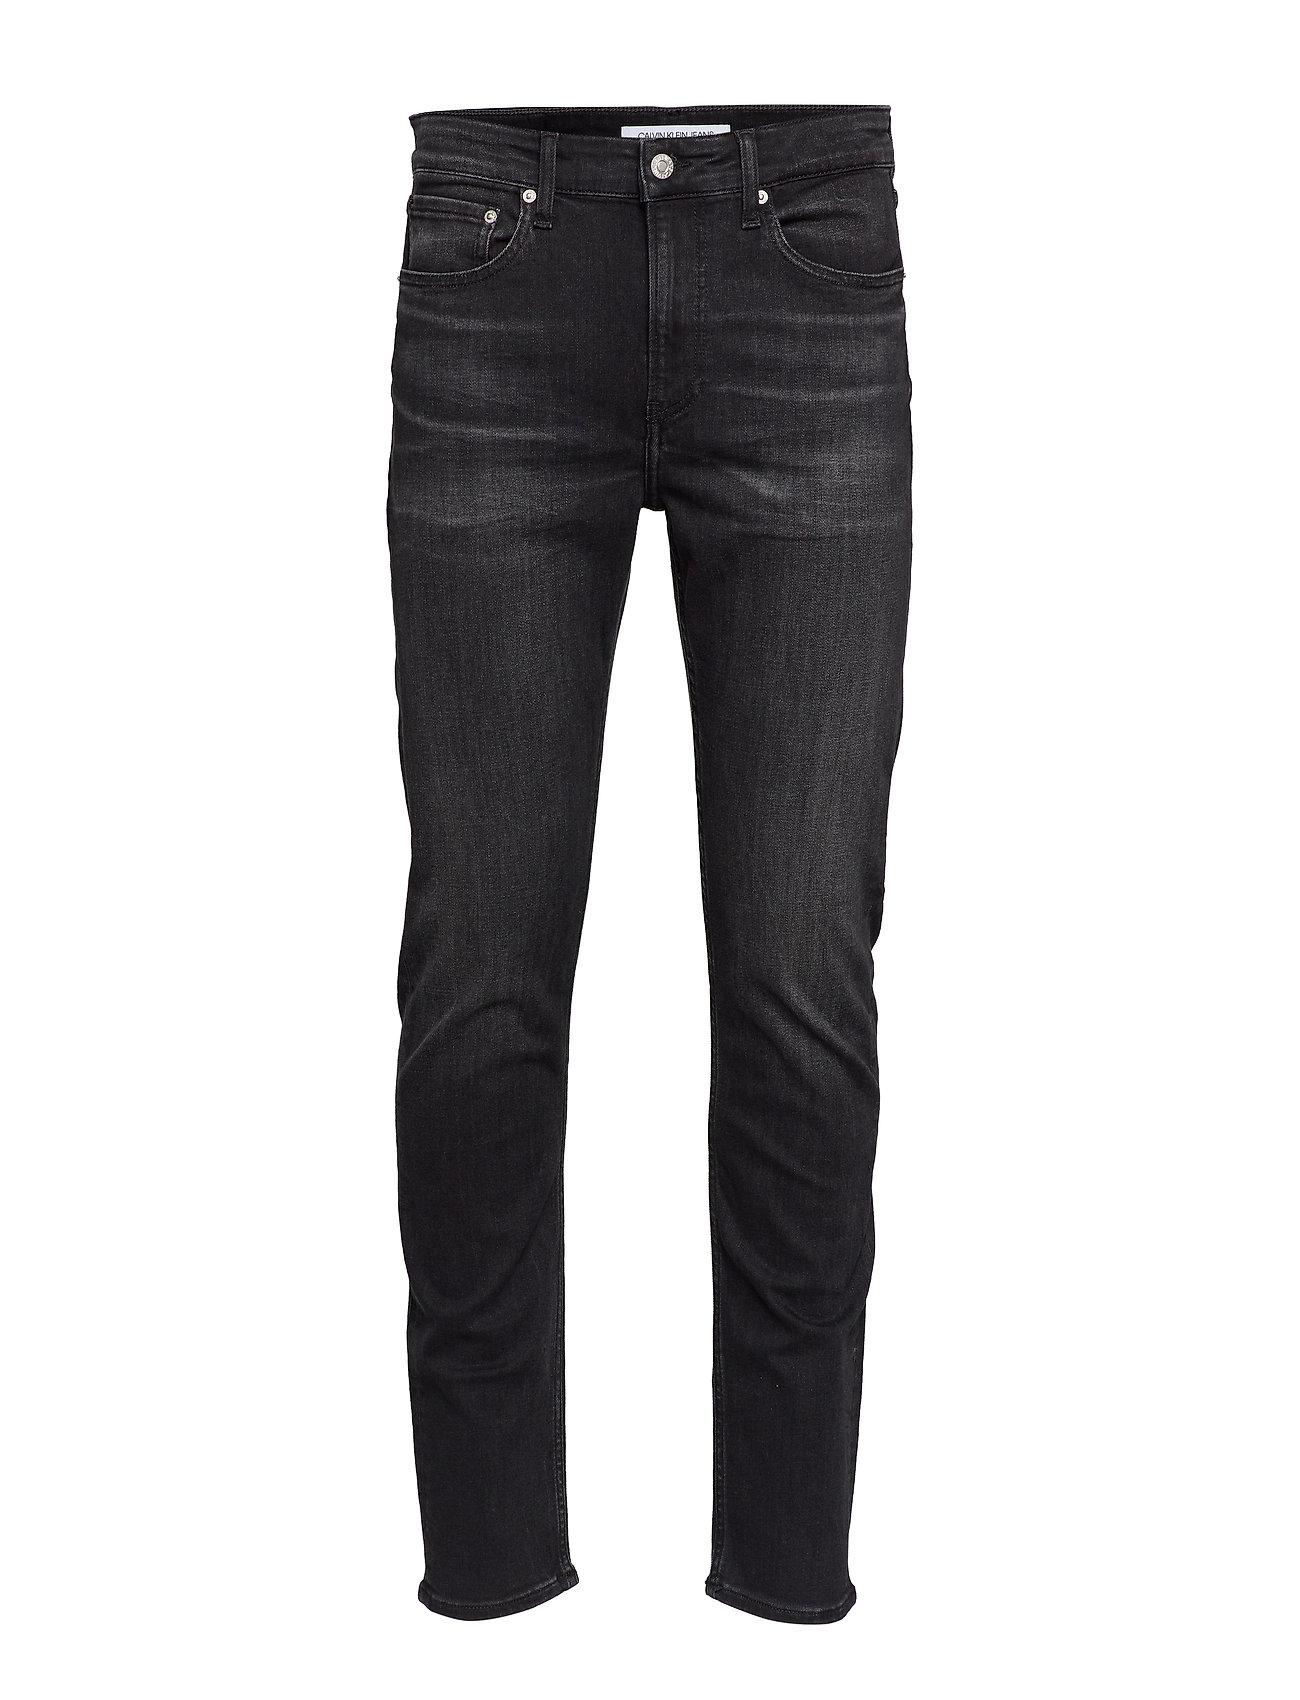 Calvin Klein Jeans CKJ 058 SLIM TAPER - BA119 BLACK